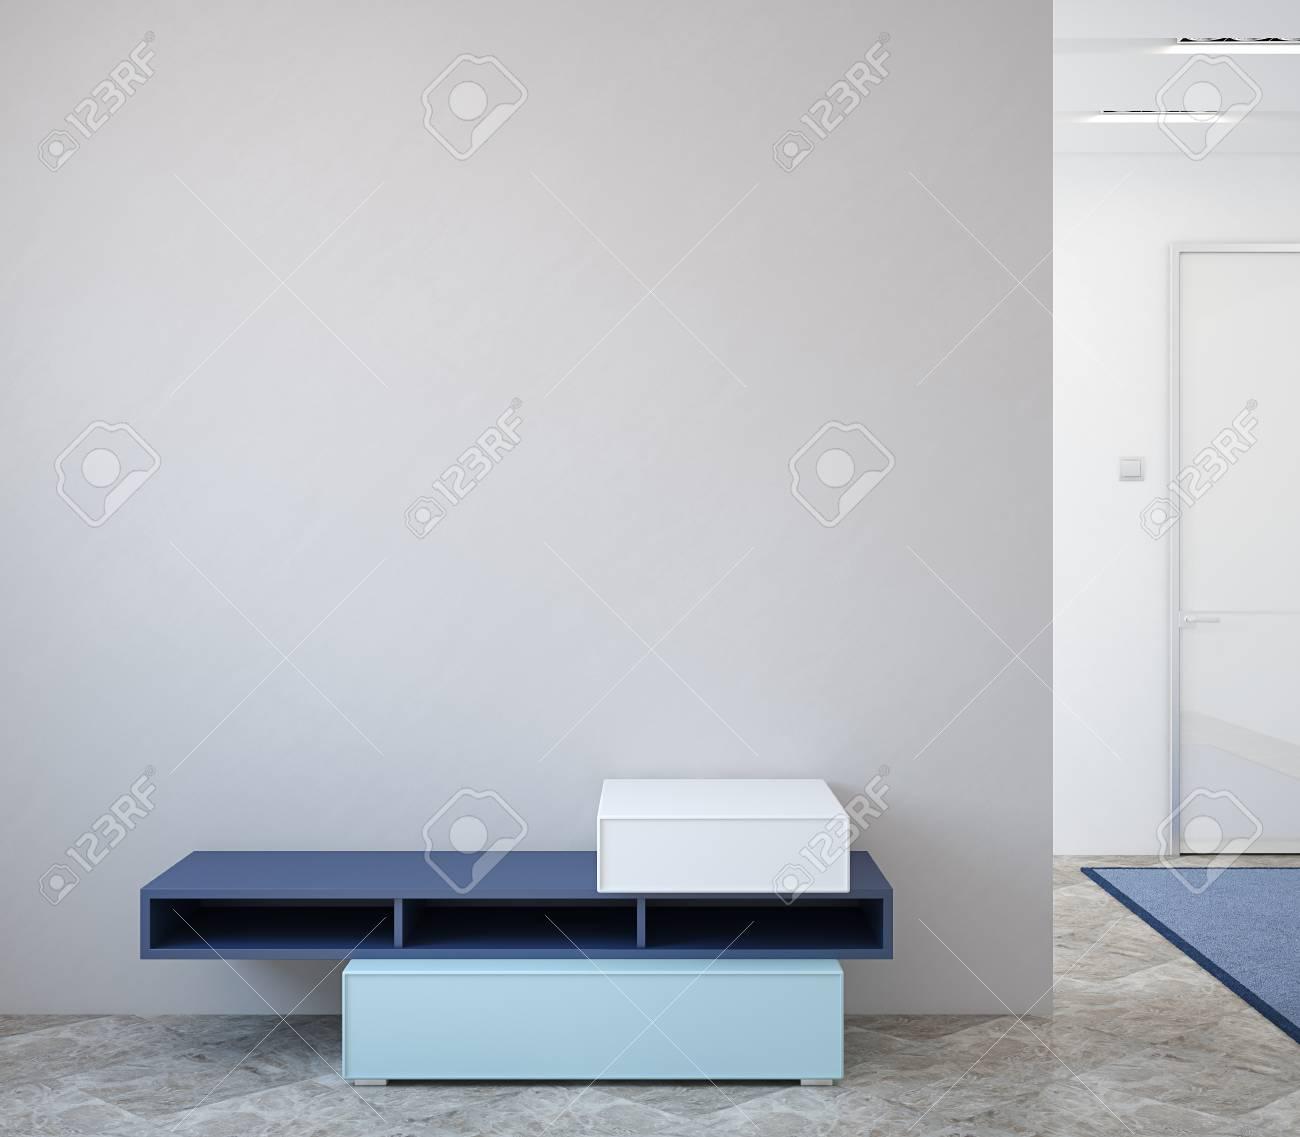 Moderne Flur Inter Mit Kommode In Der Nahe Von Leeren Grauen Wand